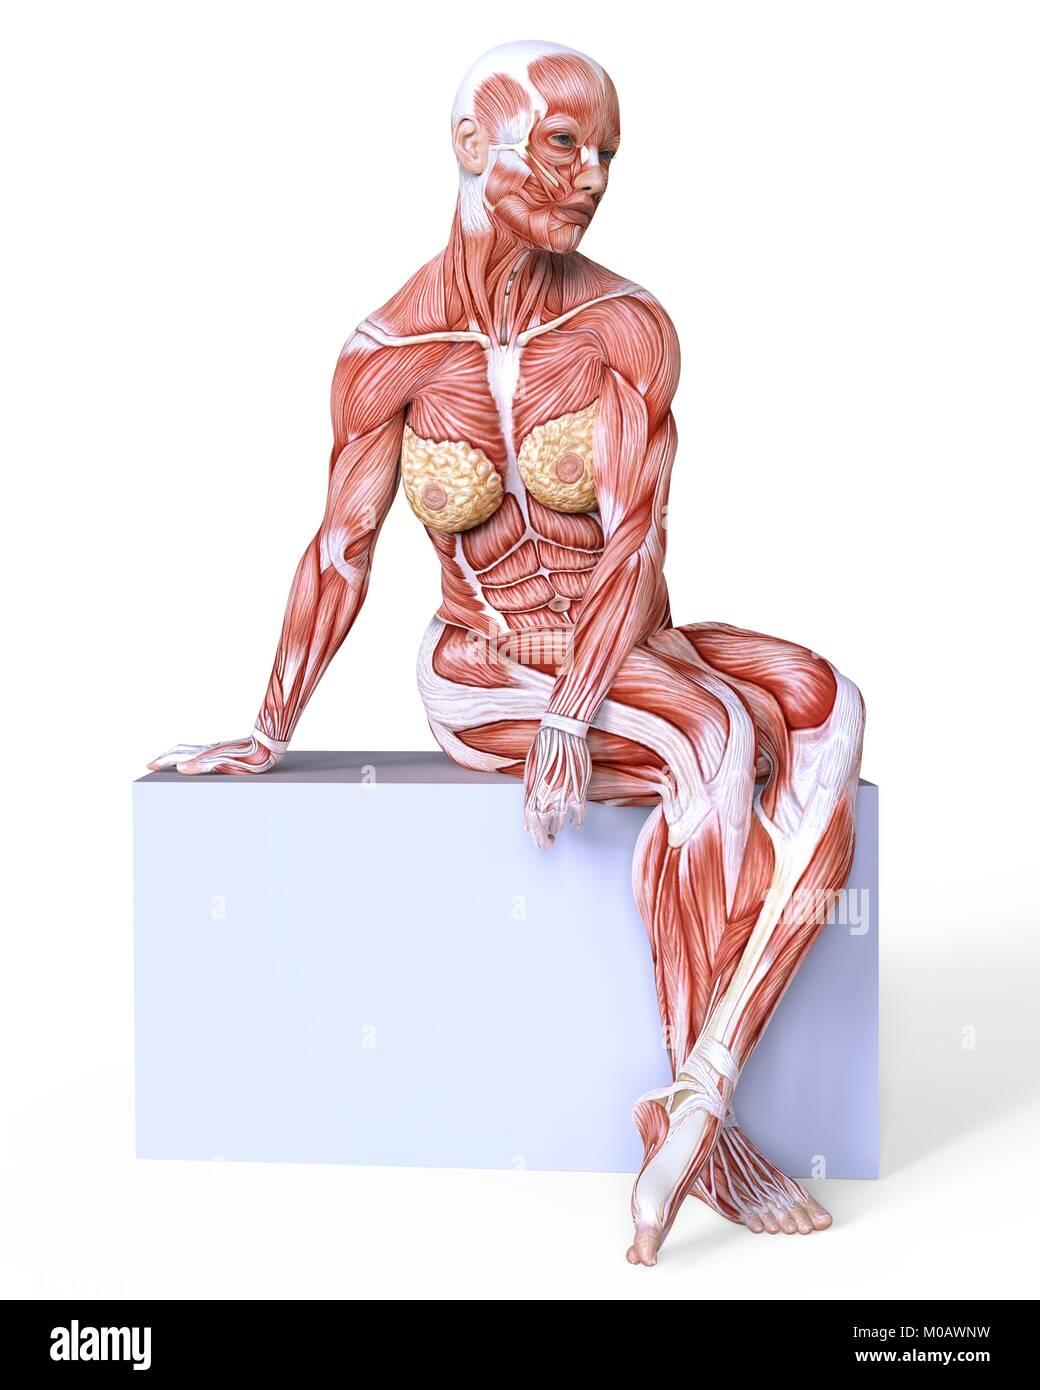 Ungewöhnlich Weibliche Körper Muskeln Diagramm Fotos - Menschliche ...